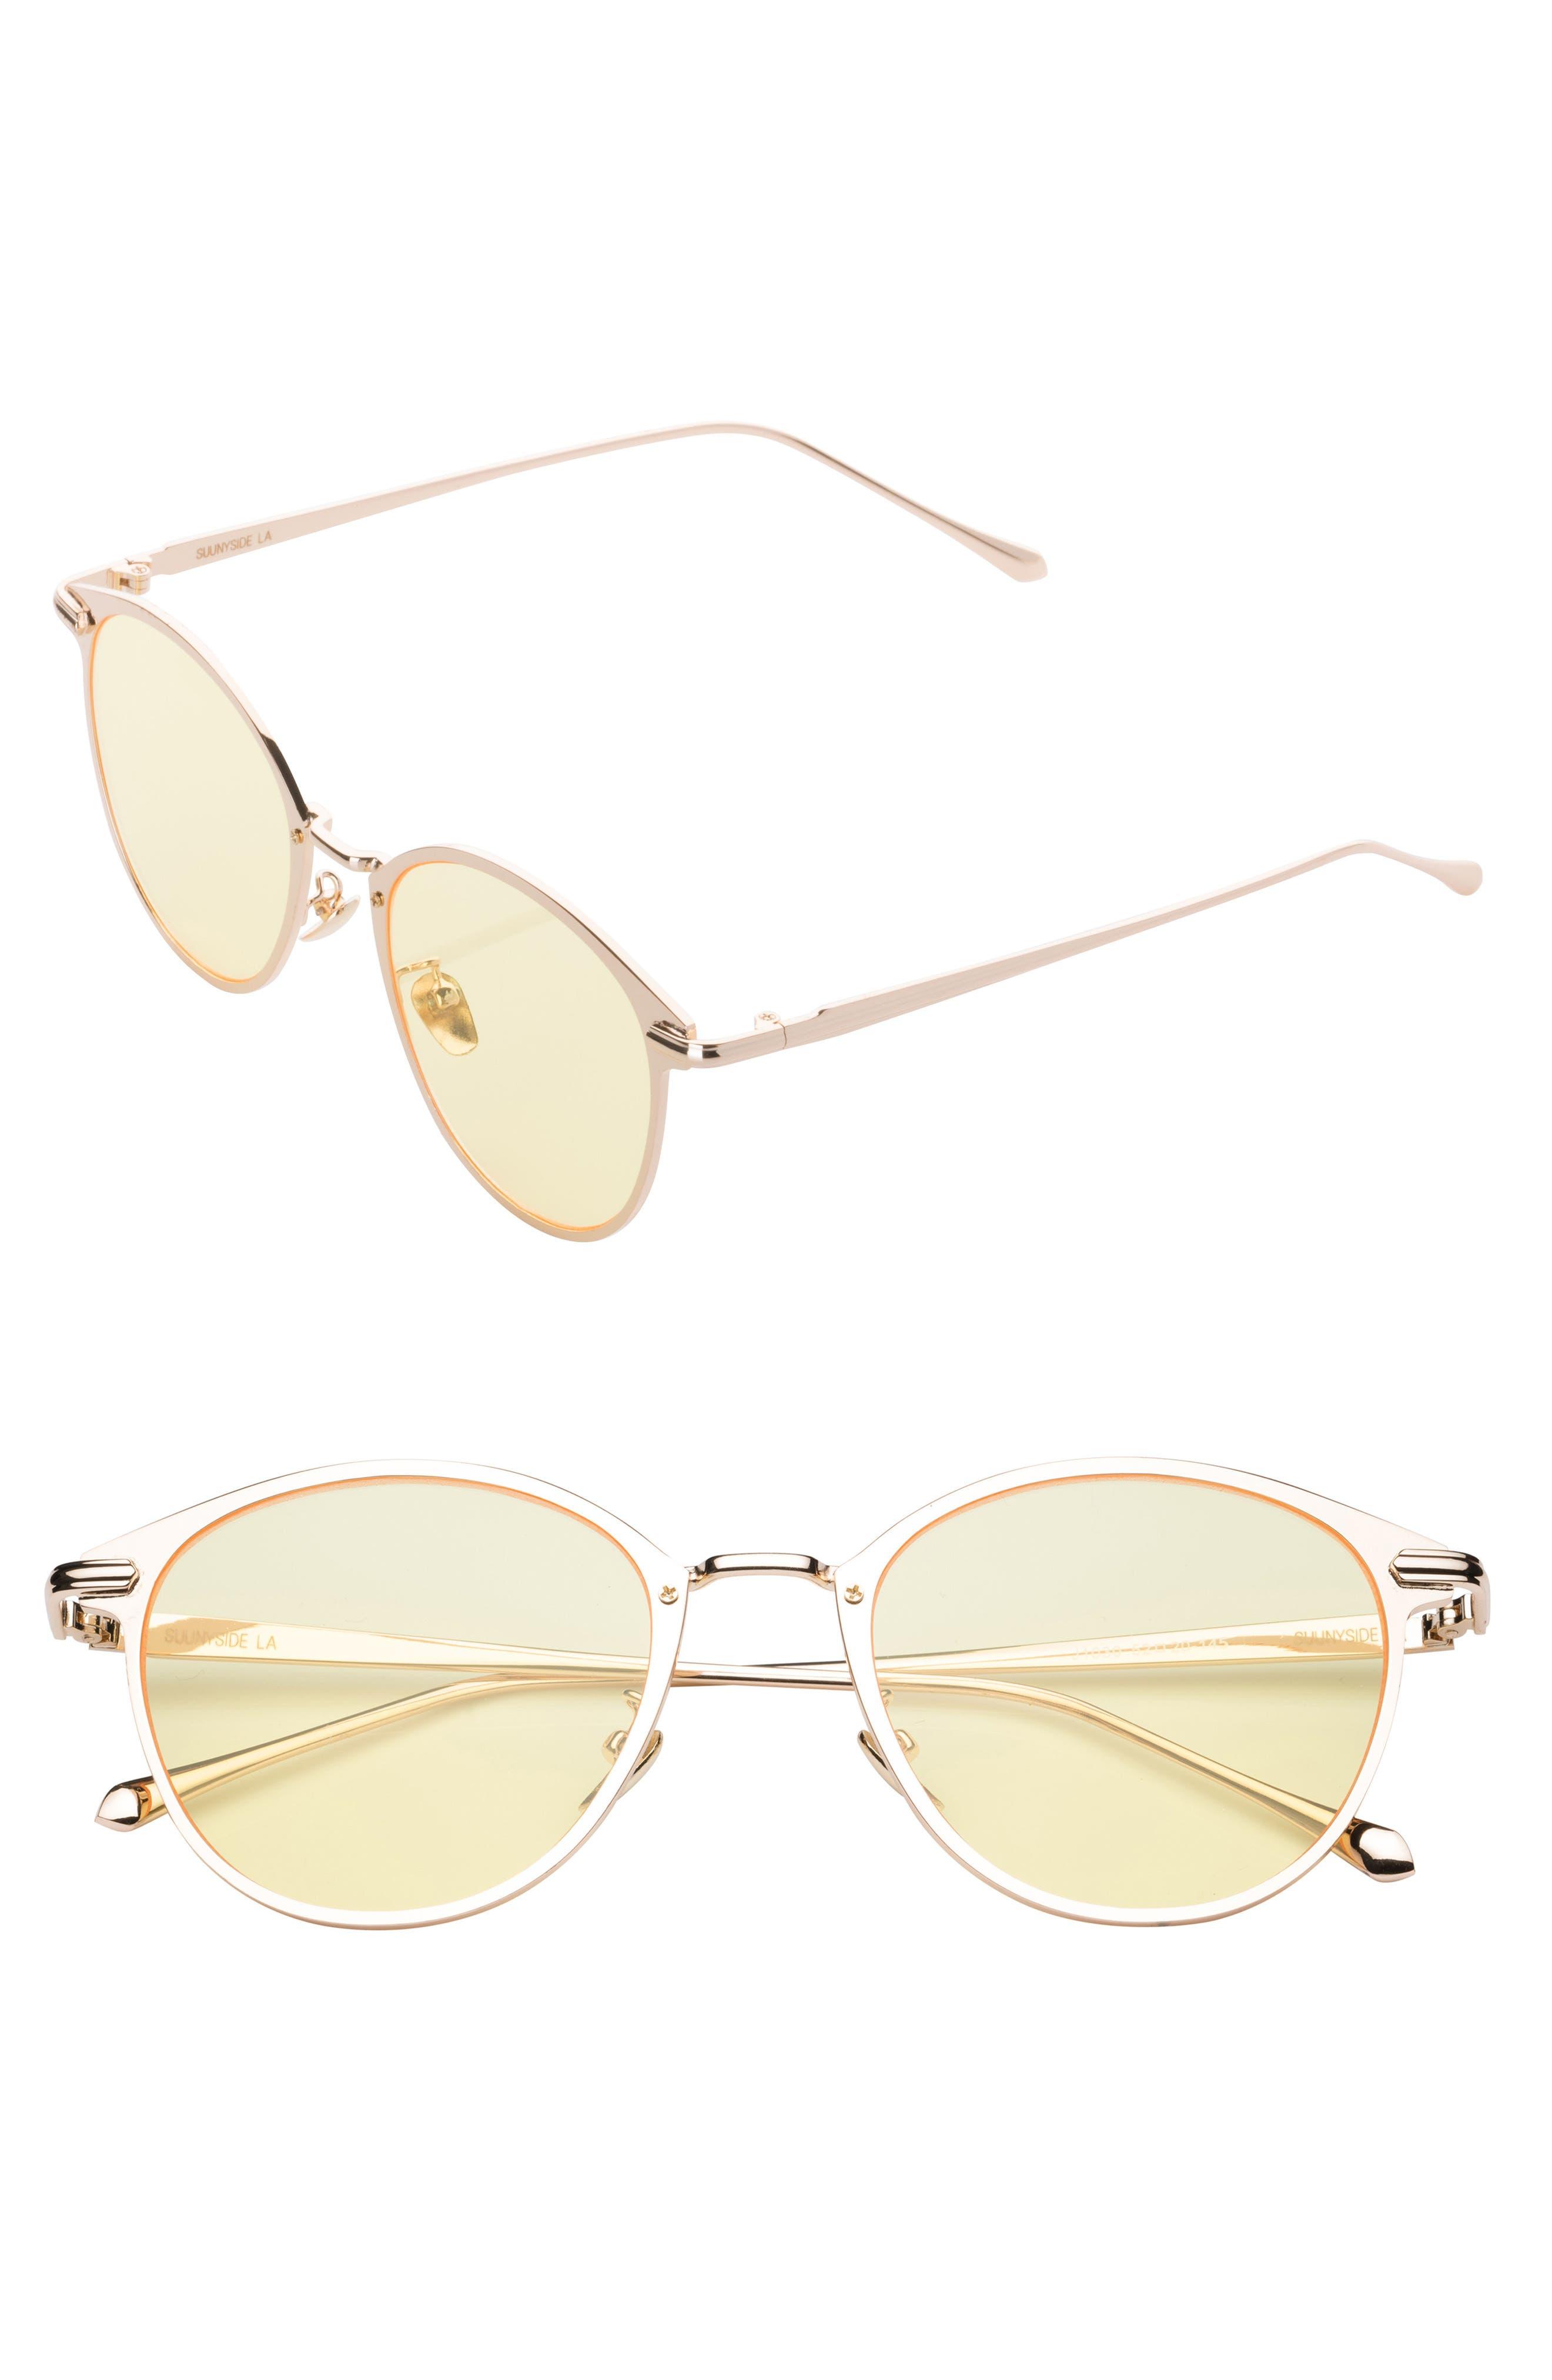 51mm Oxford Sunglasses,                         Main,                         color, 700